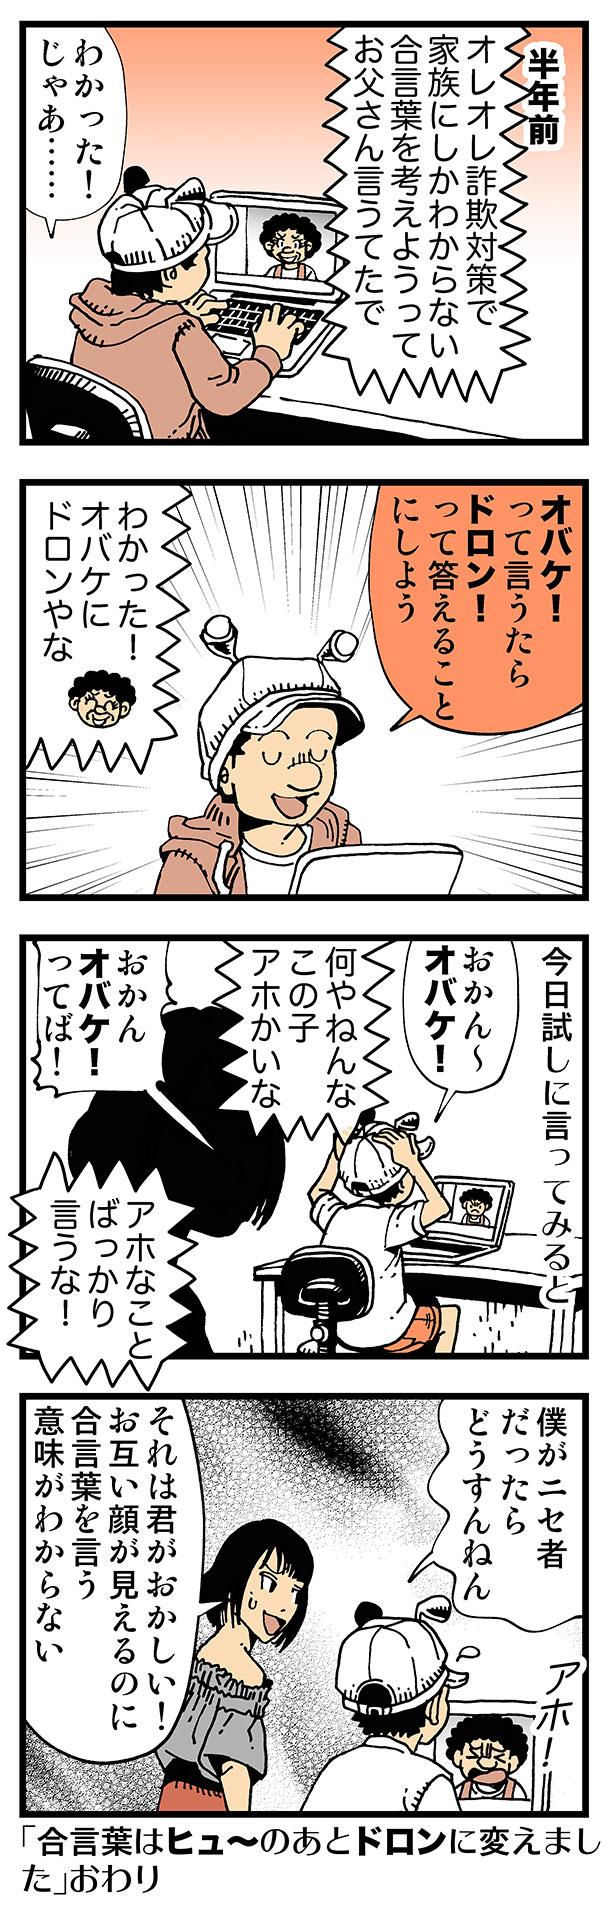 【普通】オレオレ詐欺対策